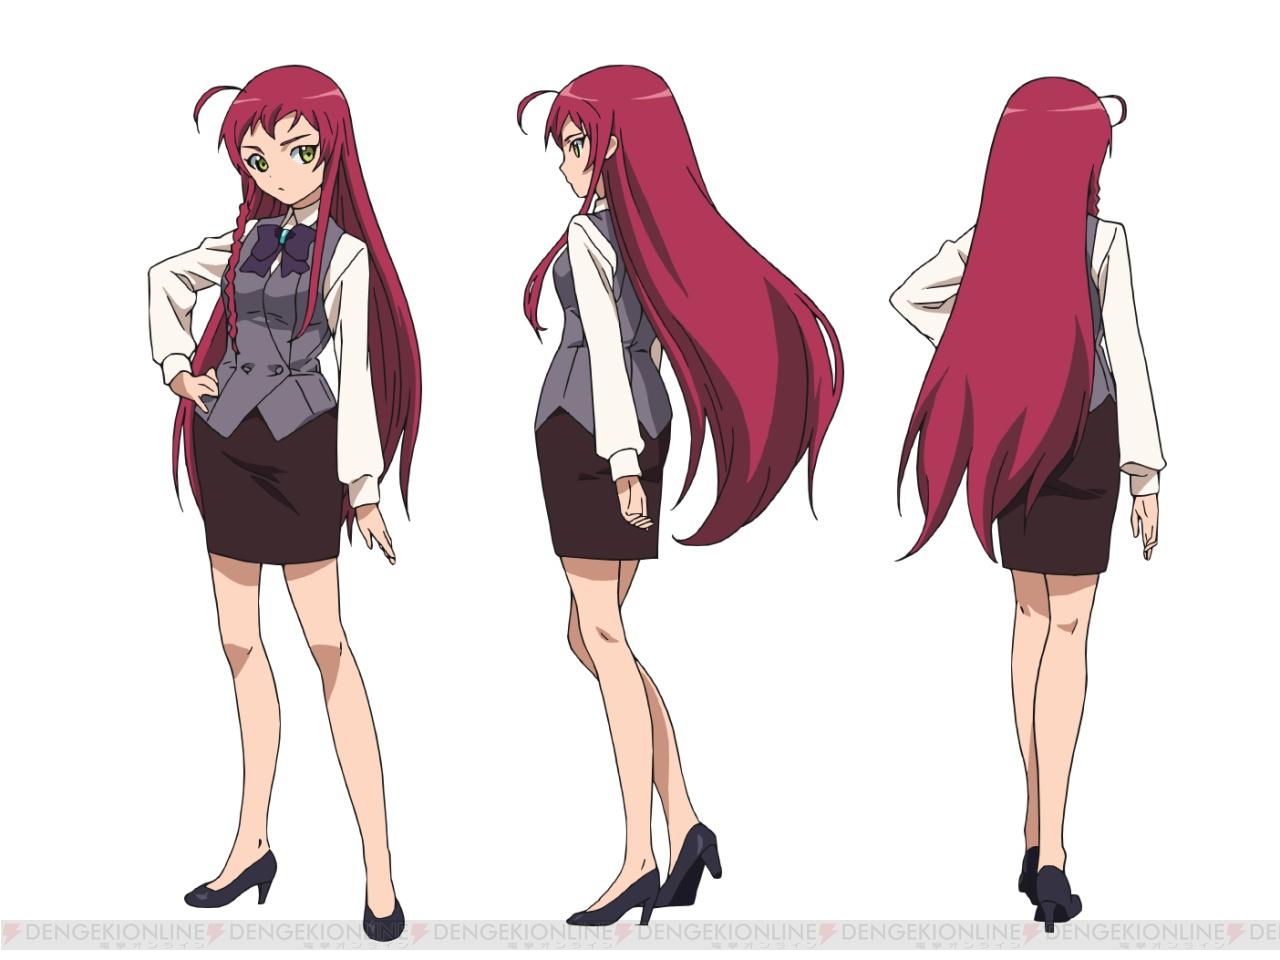 http://ami.animecharactersdatabase.com/uploads/chars/36338-1938140092.jpg